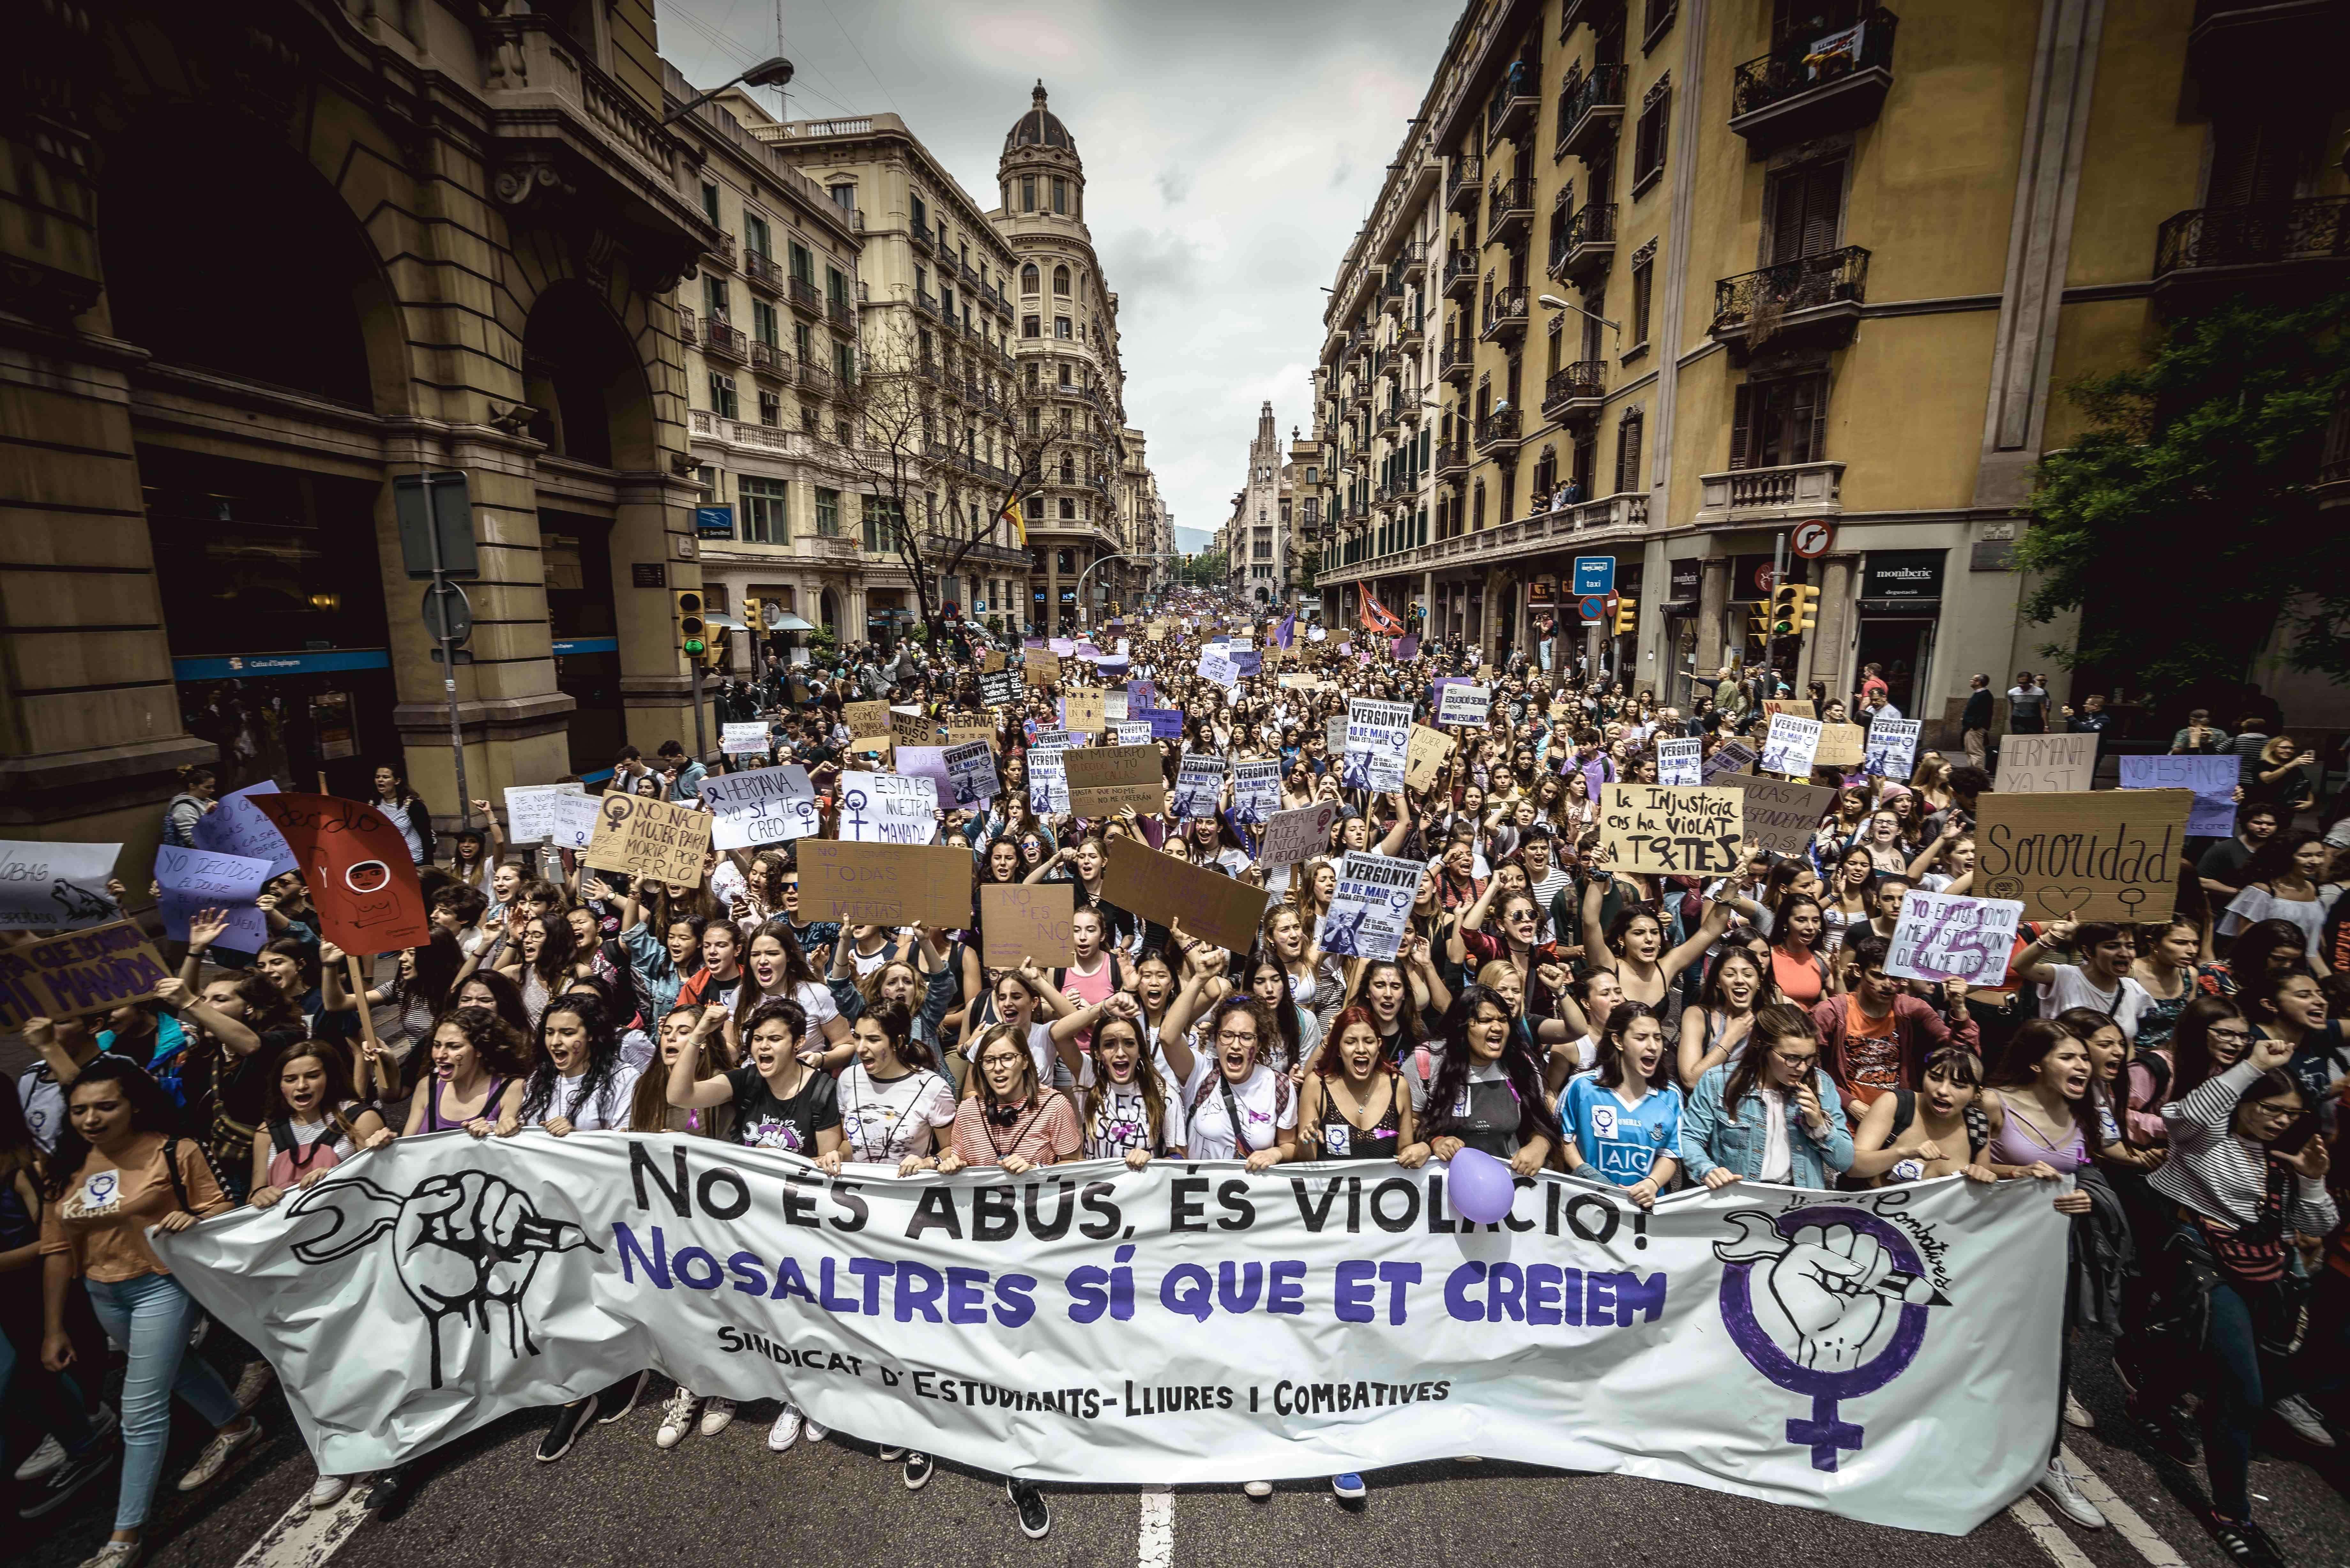 Des milliers de lycéennes et d'étudiantes ont manifesté jeudi 10 mai dans toute l'Espagnecontre un jugement prononcé le 26 avril et qui a disculpé de «viol» cinq hommes se surnommant « La meute», les condamnant seulement pour «abus sexuel» sur une jeune fille de 18 ans.